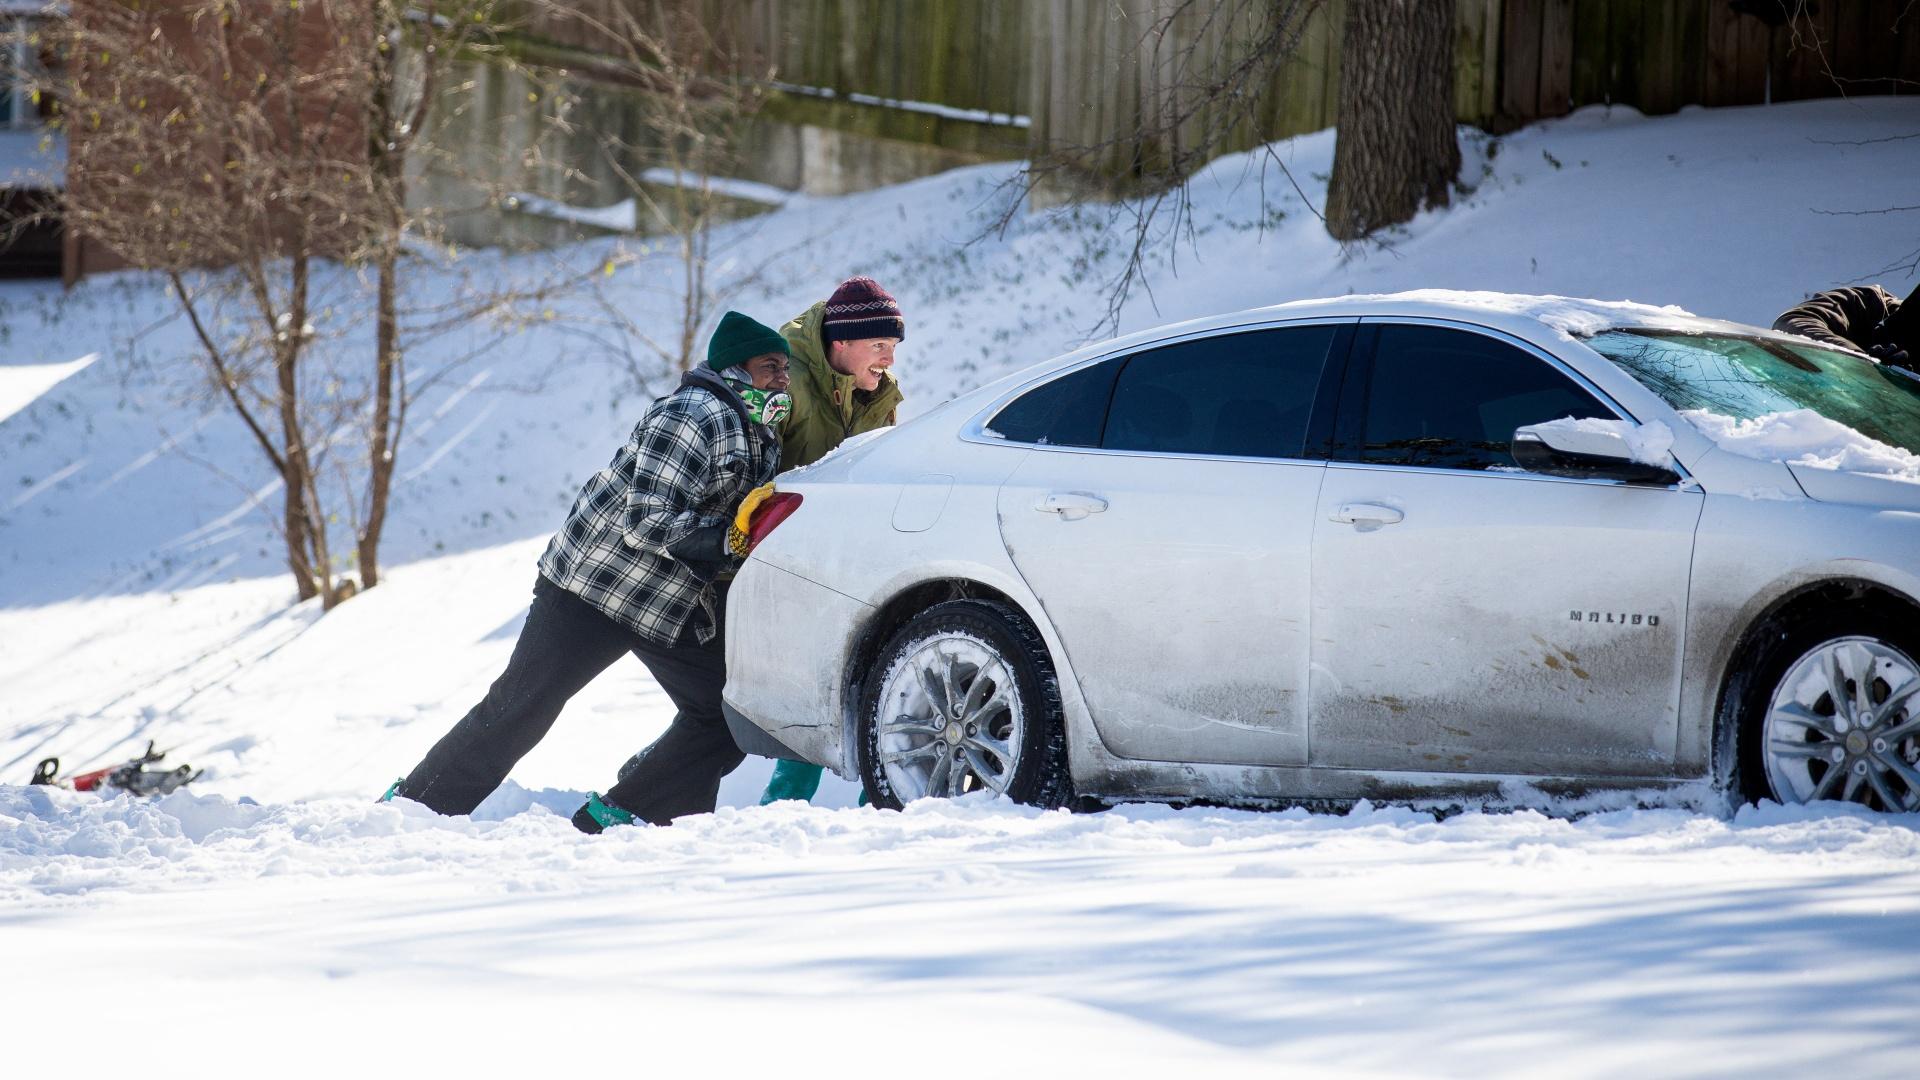 Hóban ragadt autót tolnak az emberek Texasban